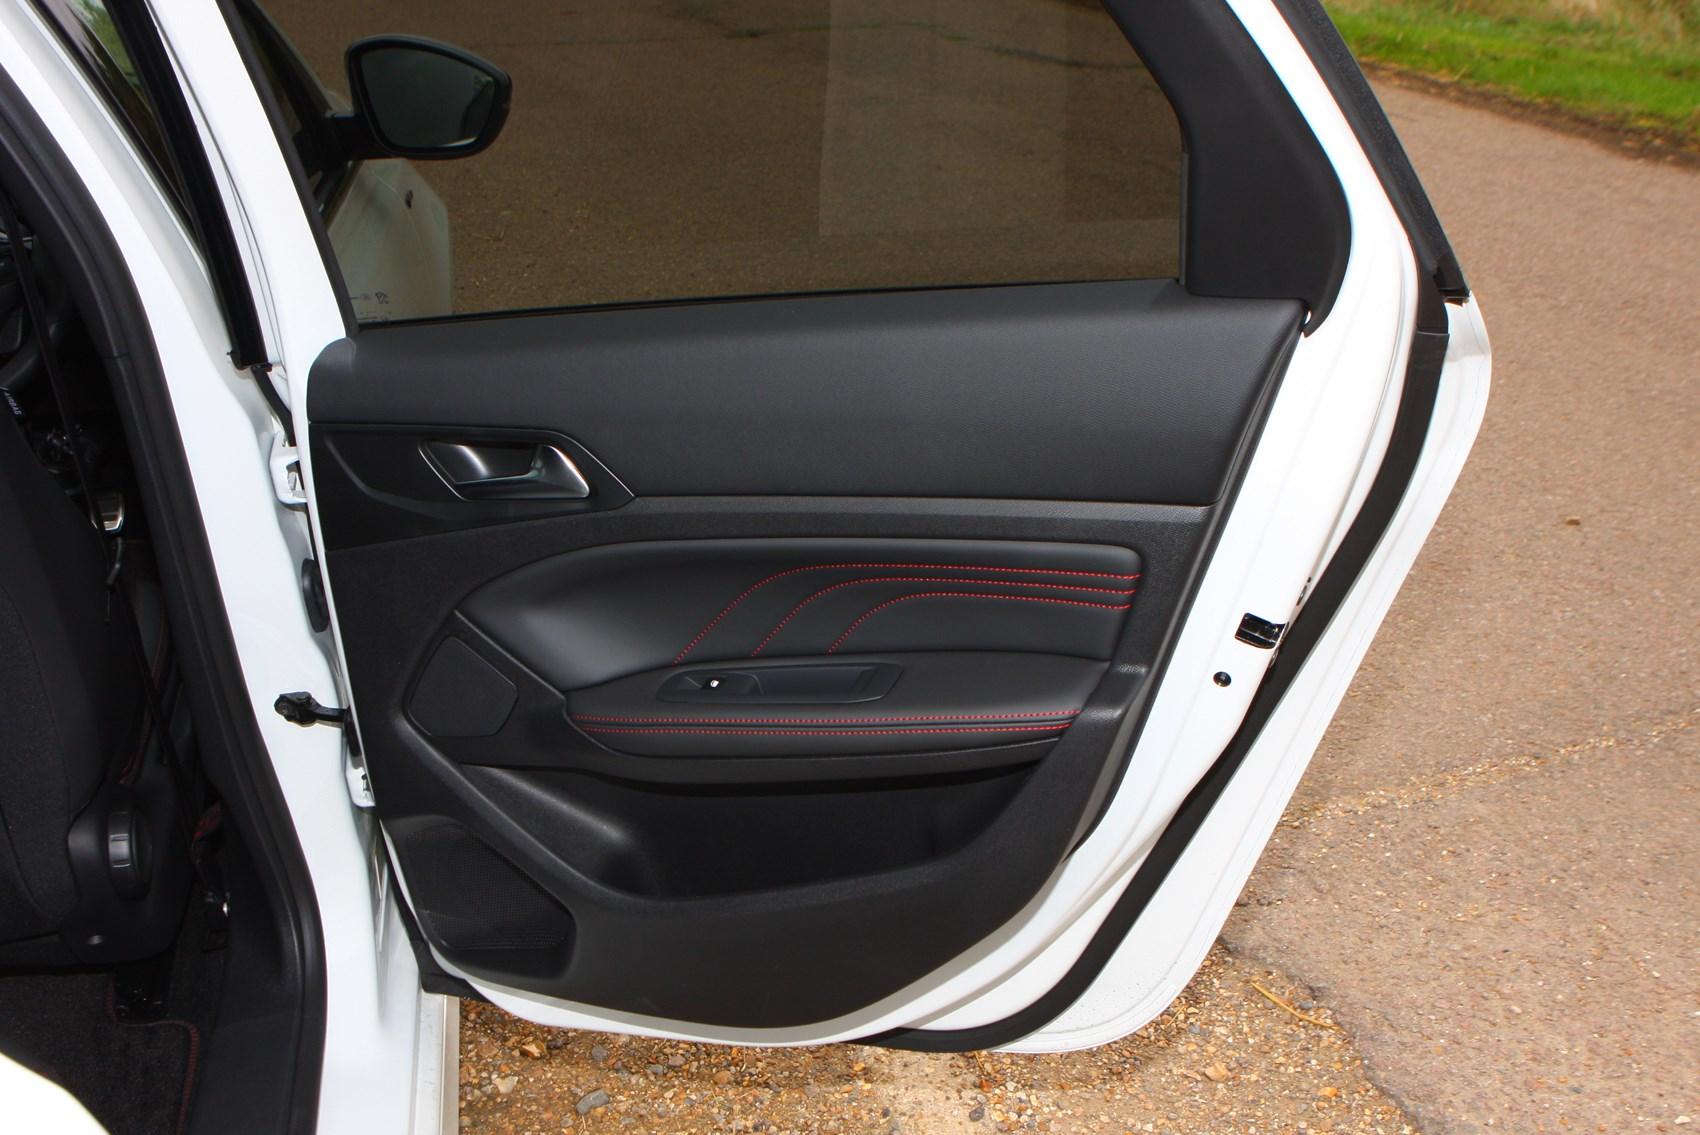 Peugeot 308 SW (2014 - ) Photos | Parkers